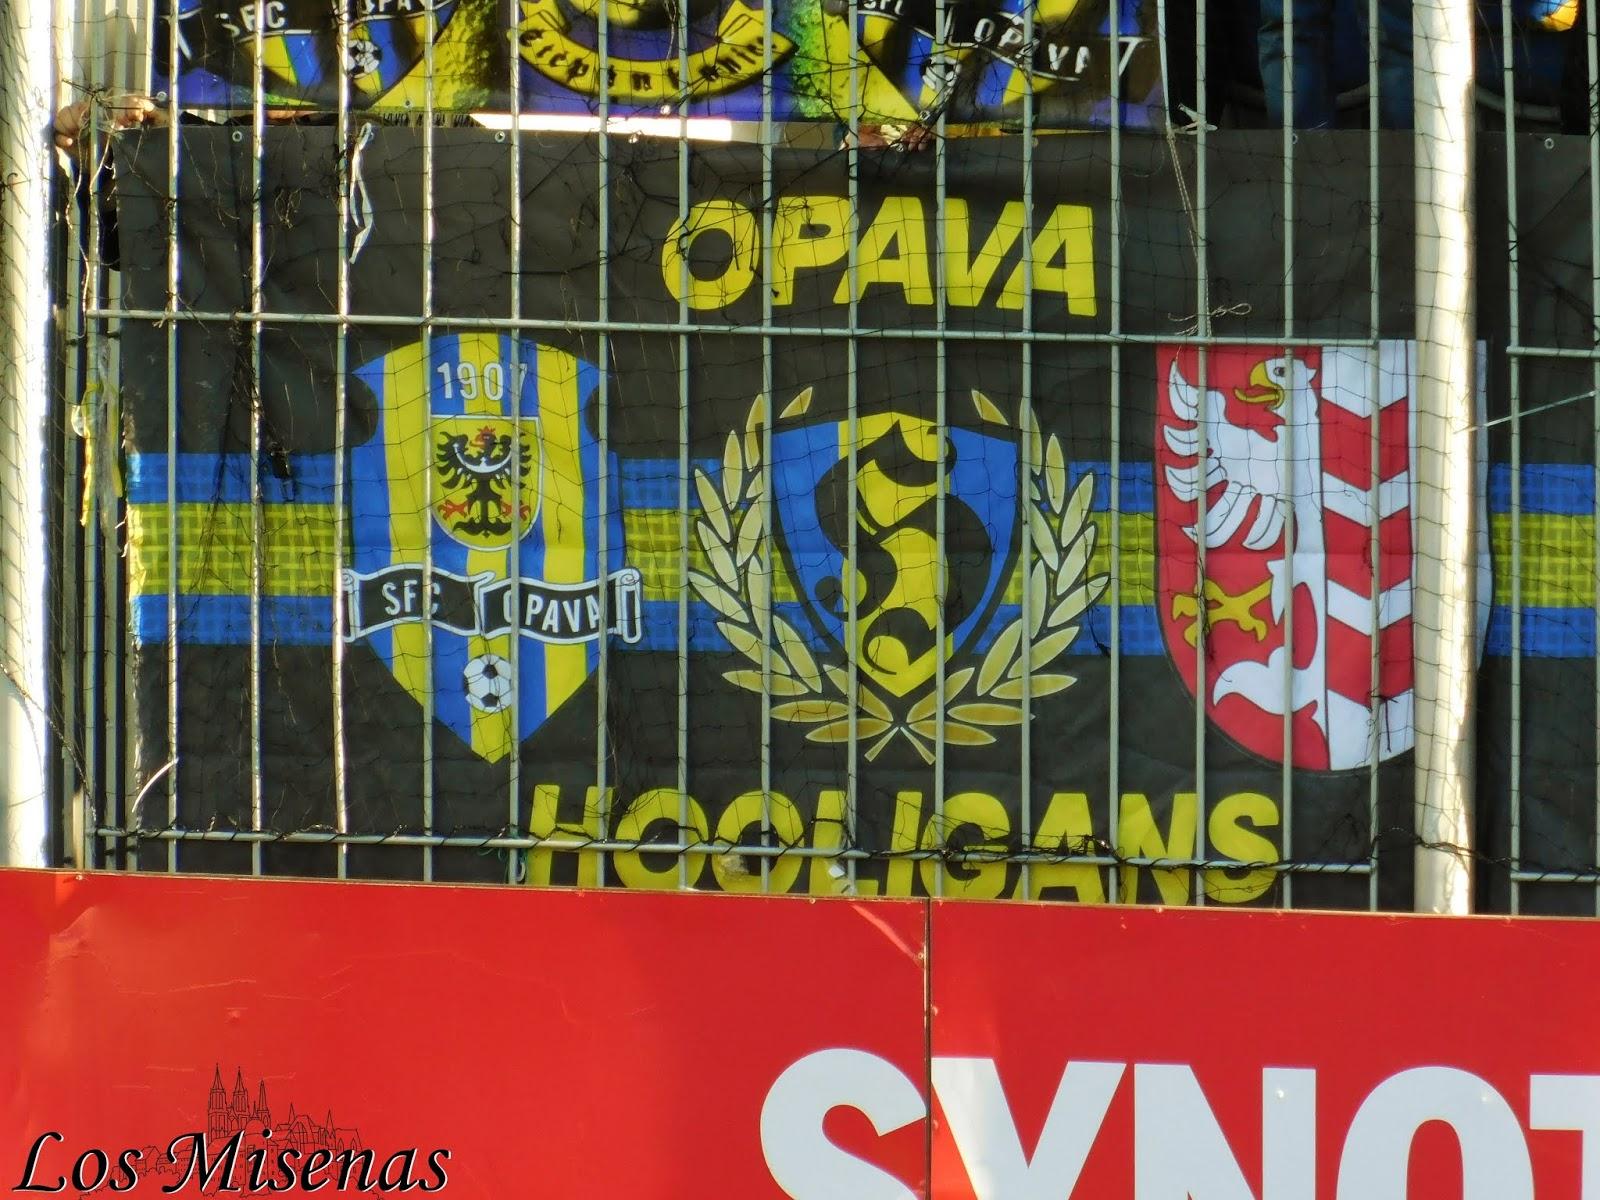 Slovácko – Opava